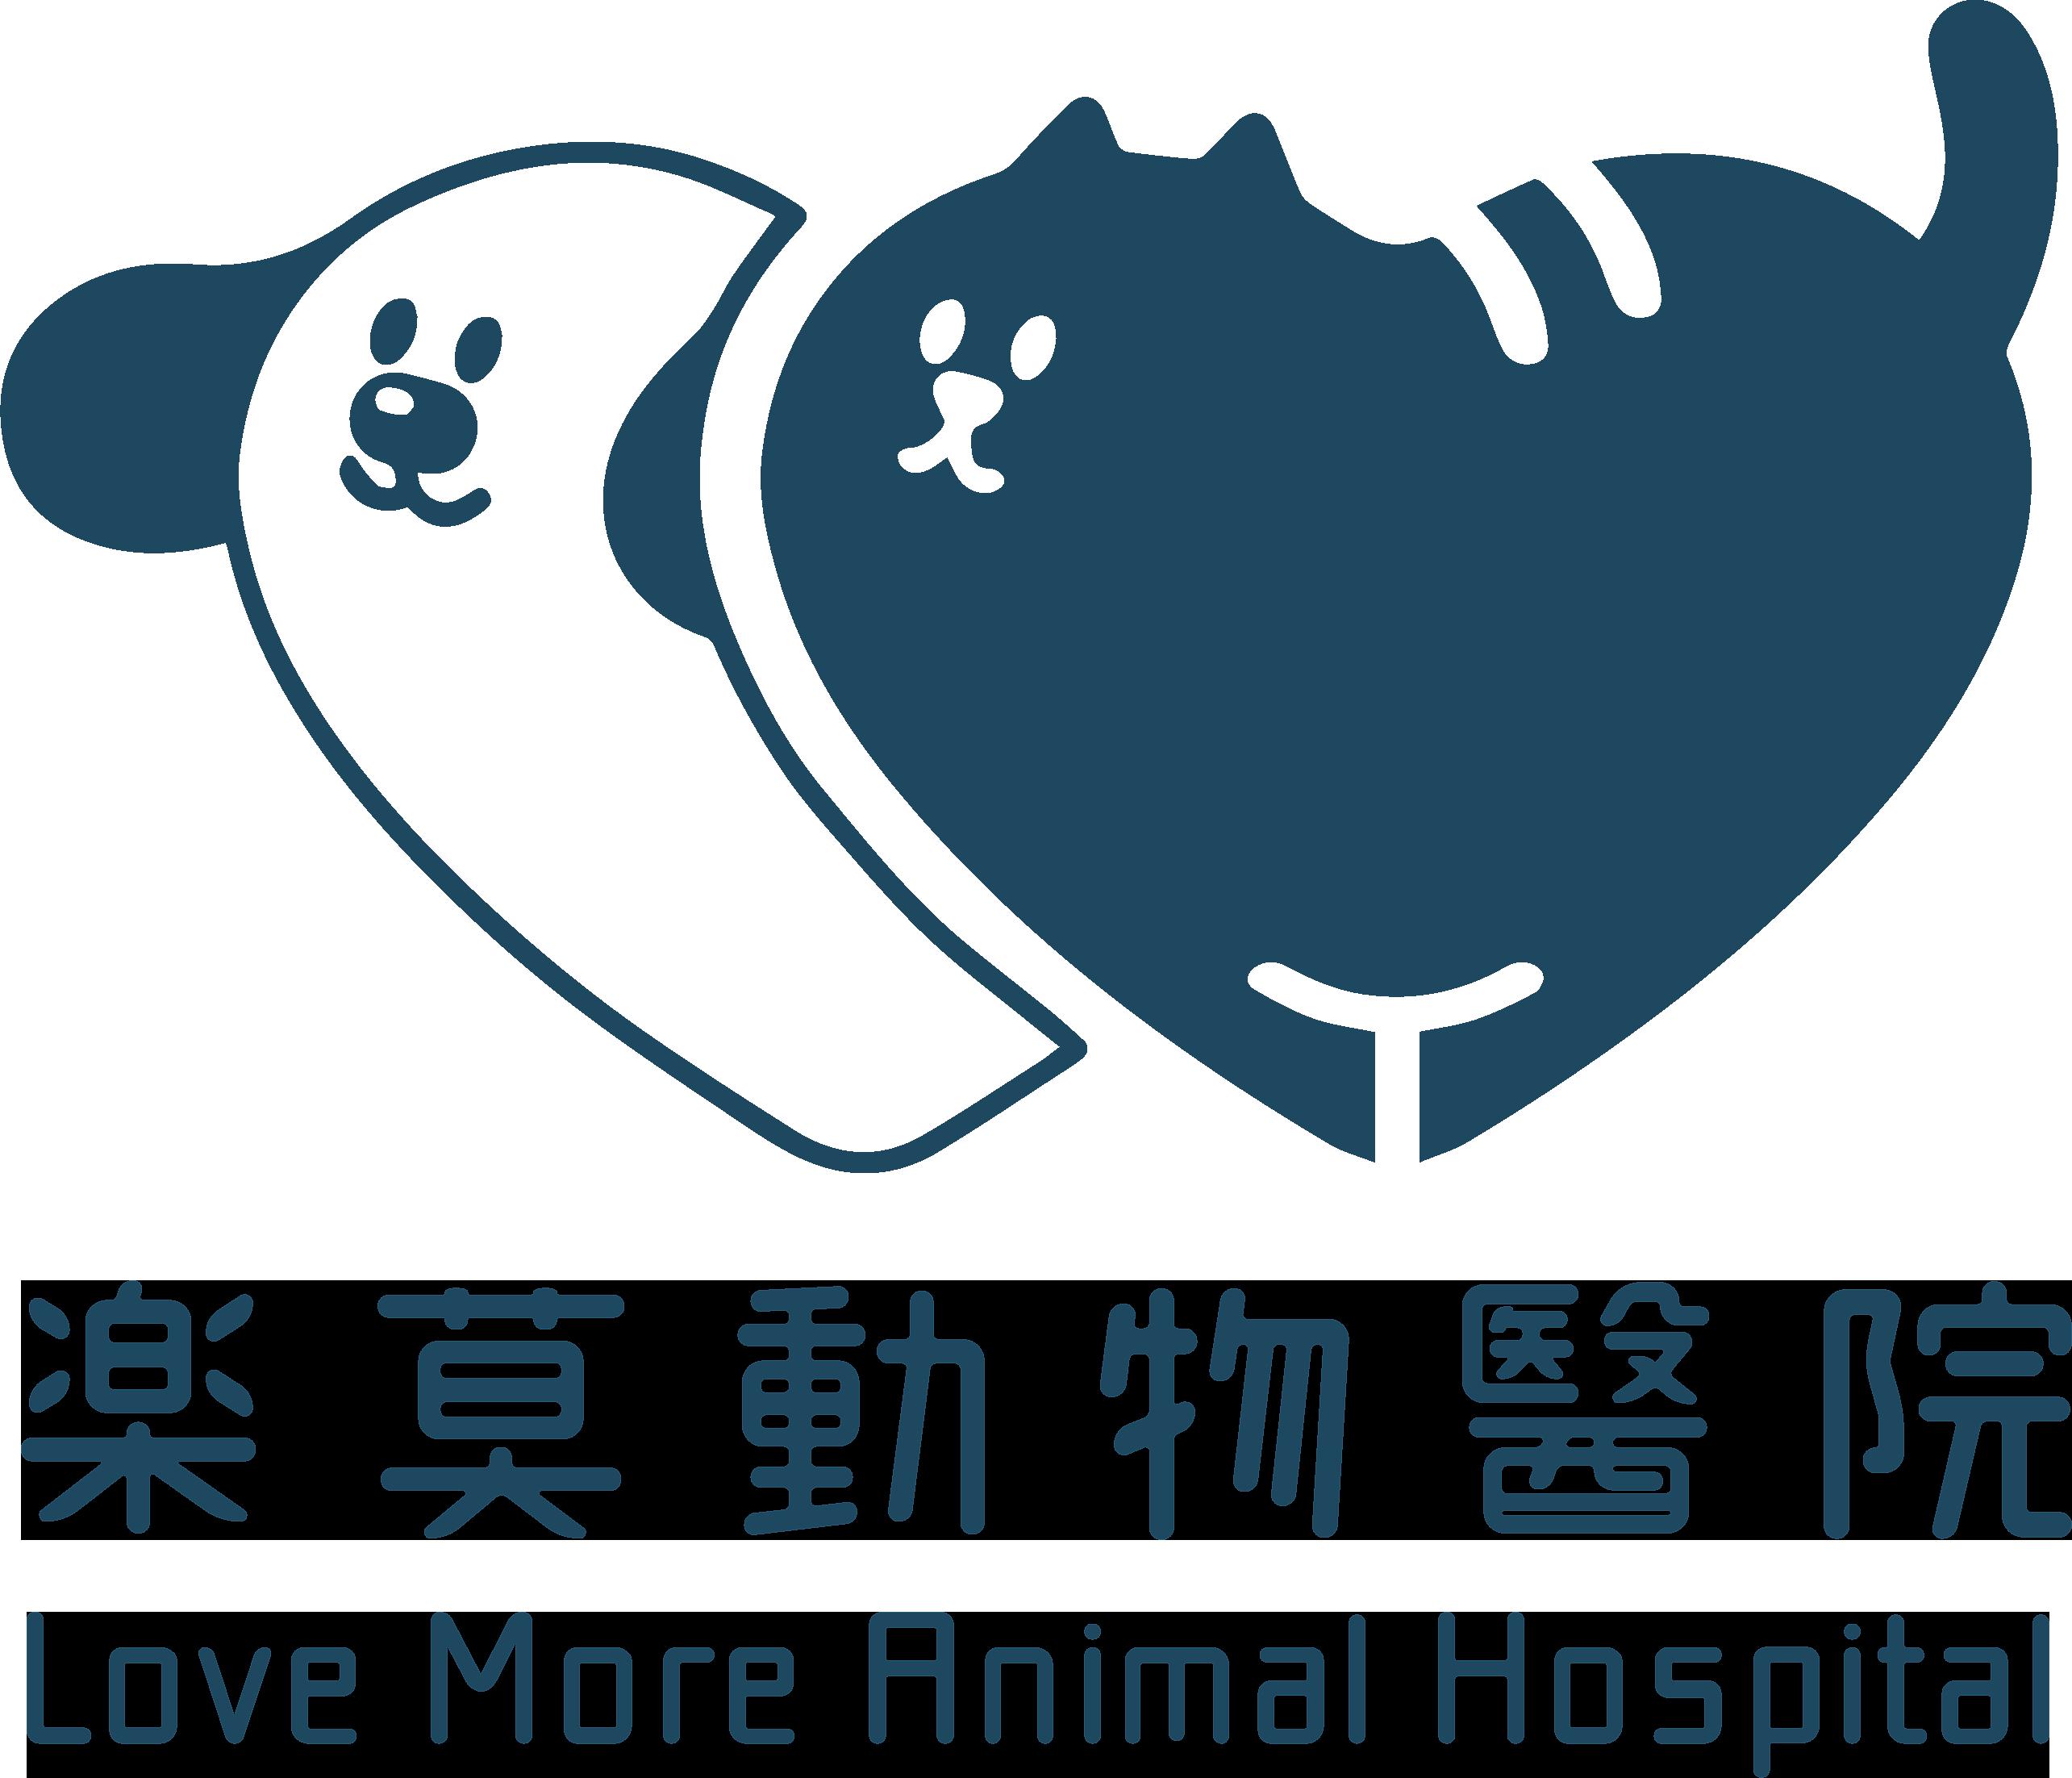 樂莫動物醫院-動物醫院,台中動物醫院